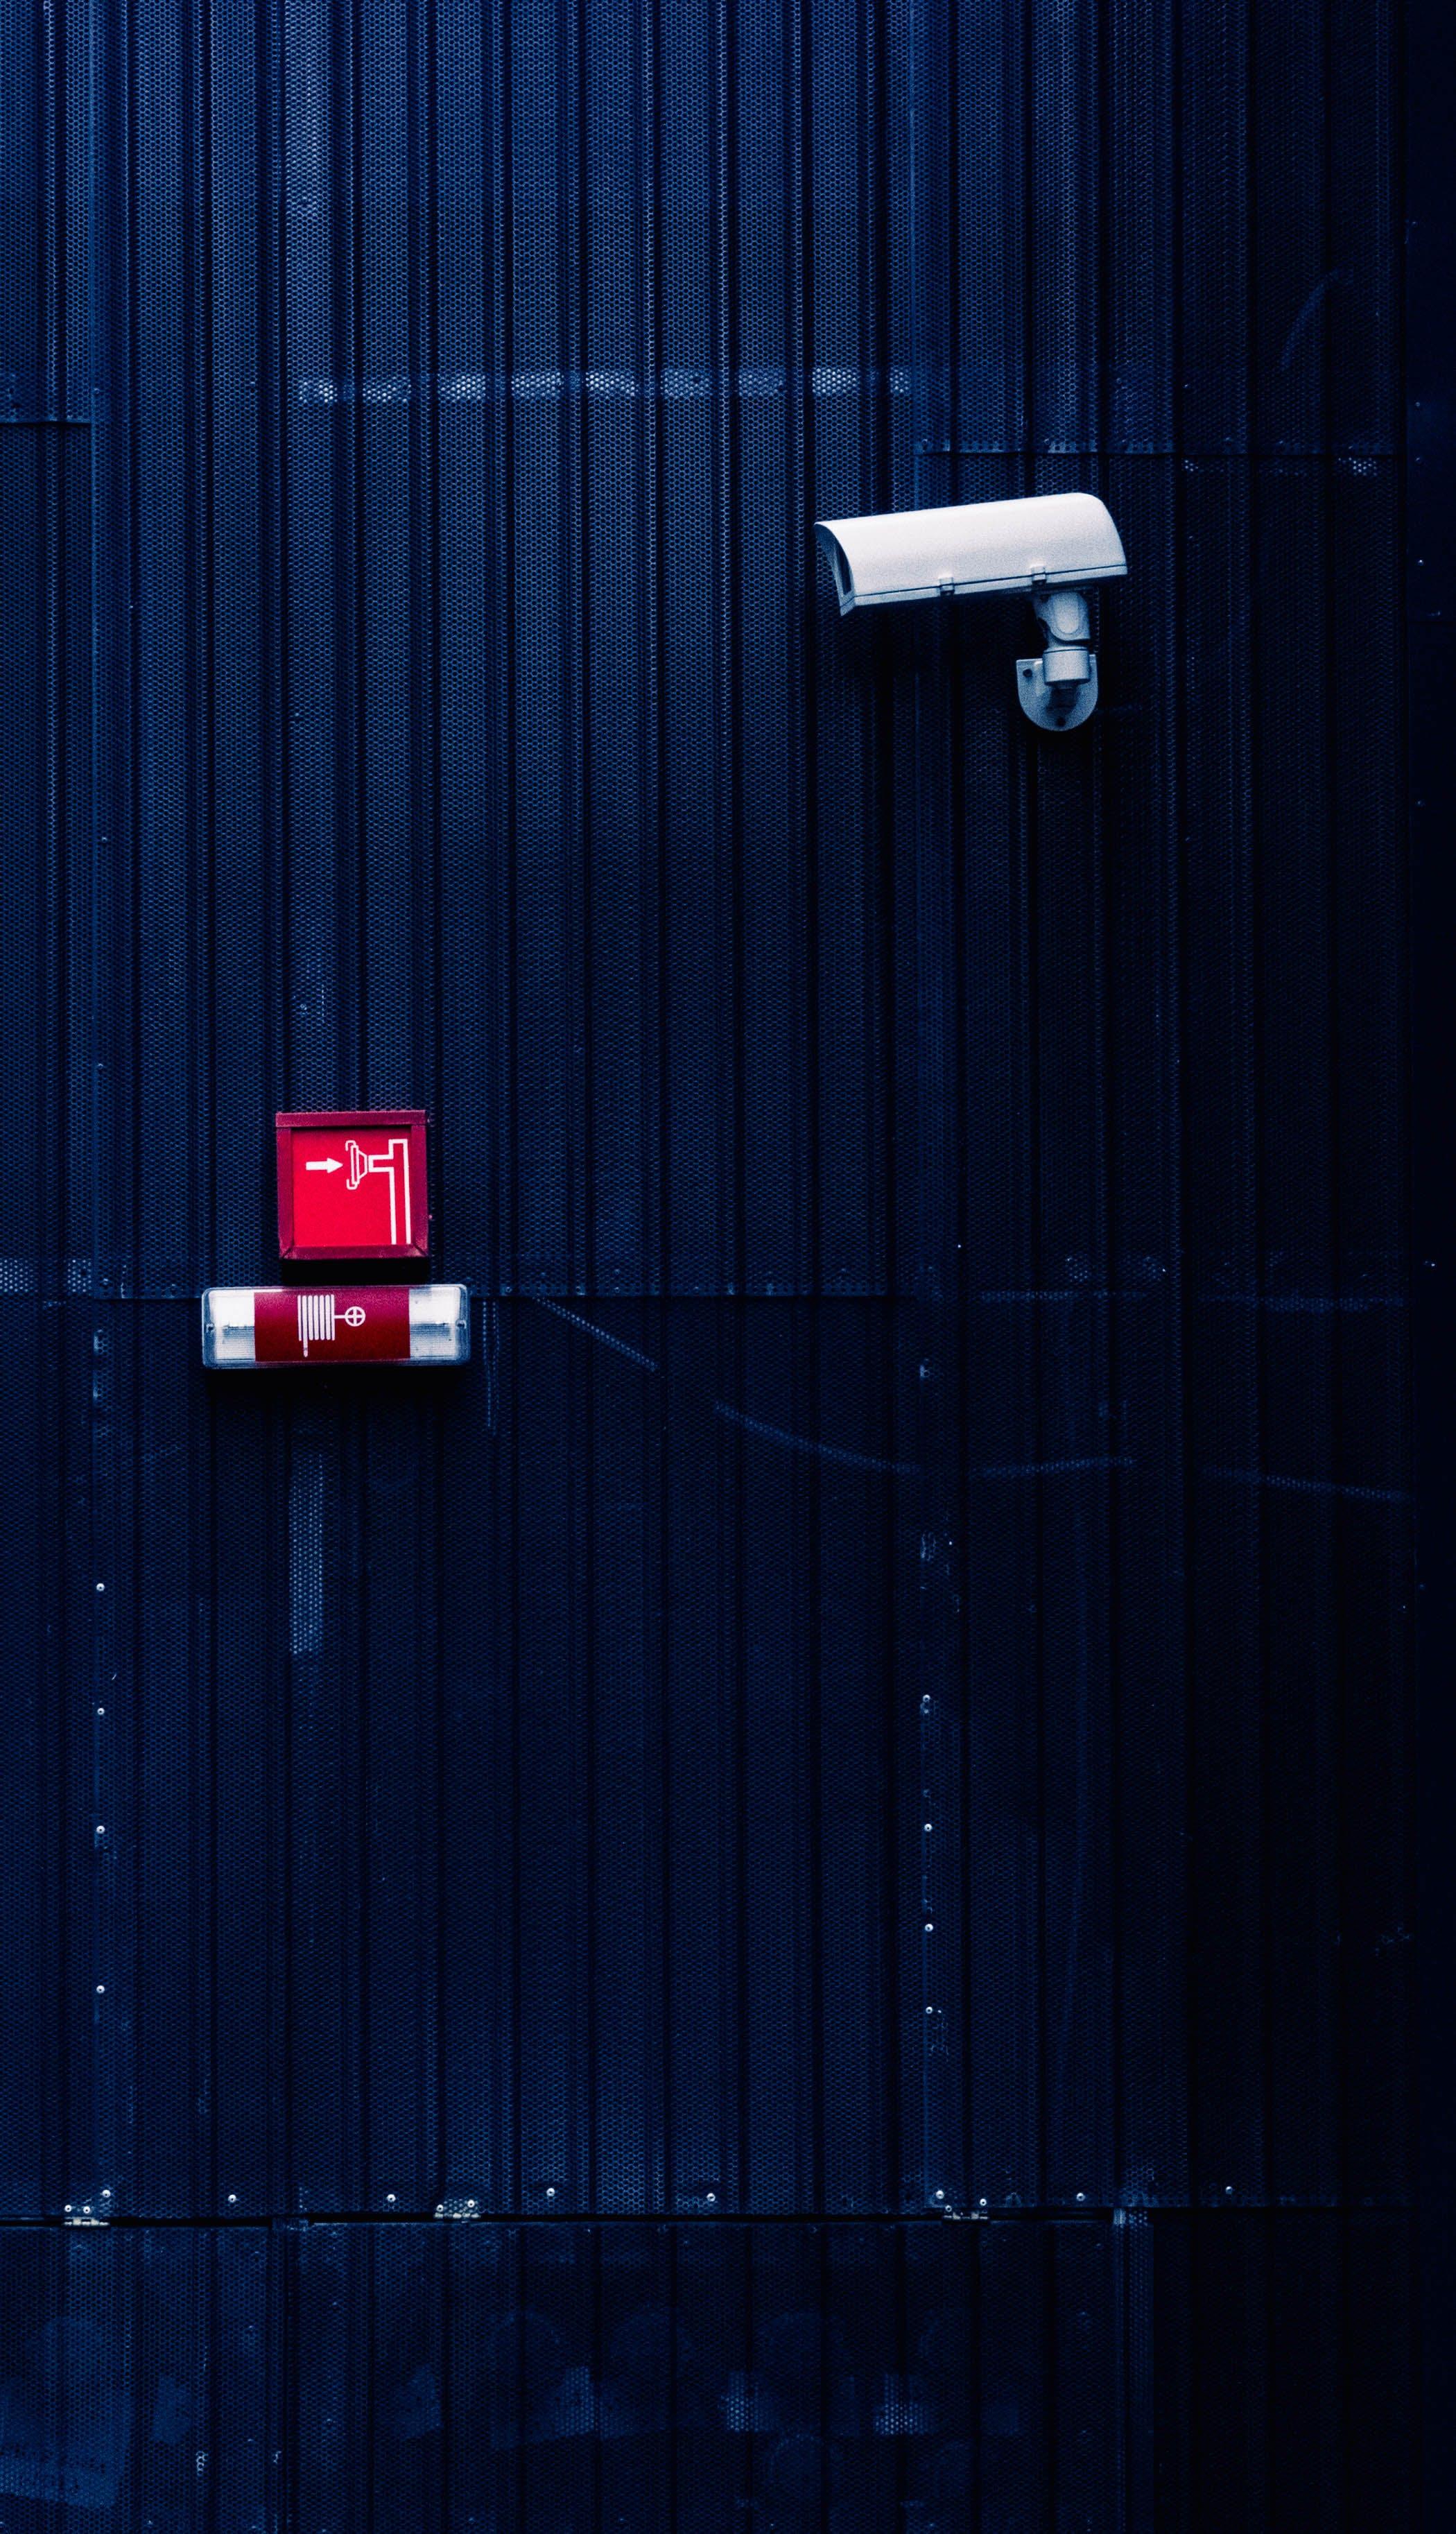 çizgiler, duvar, elektronik ekipman, güvenlik kamerası içeren Ücretsiz stok fotoğraf